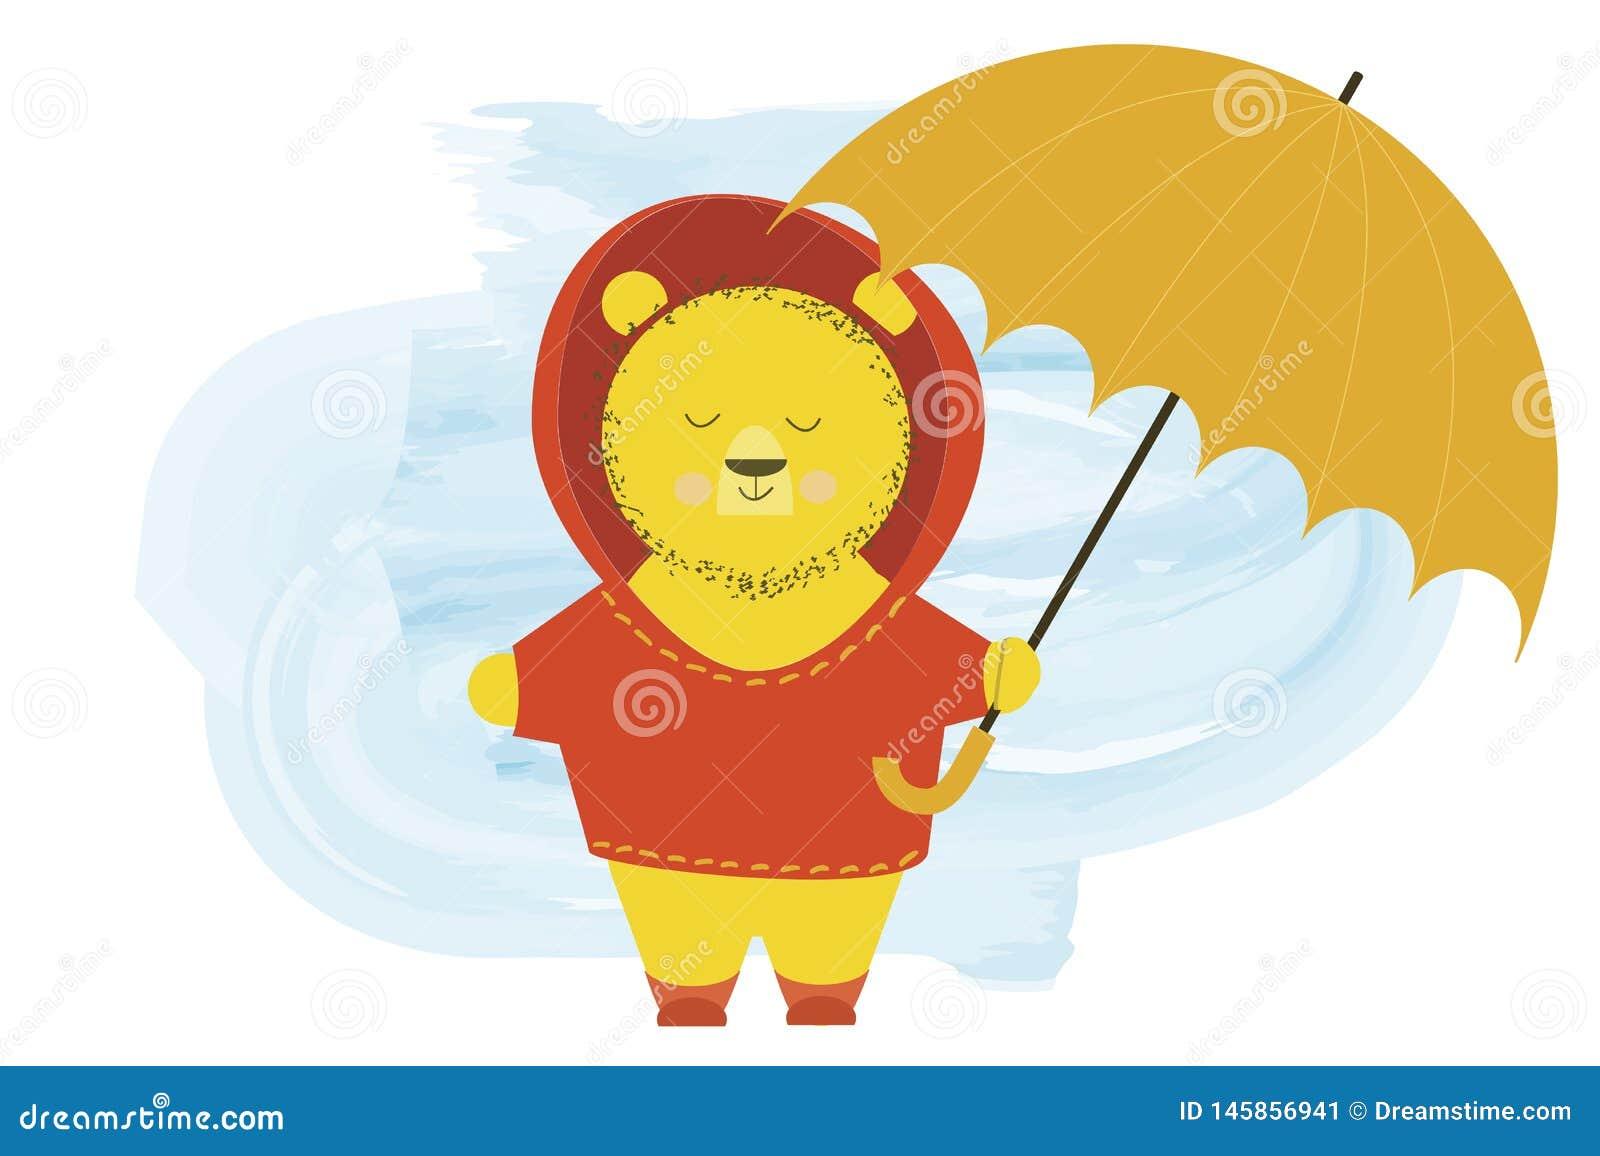 Χαριτωμένος αντέξτε σε μια κουκούλα στέκεται με μια ομπρέλα - διανυσματική απεικόνιση χαρακτήρα κινουμένων σχεδίων